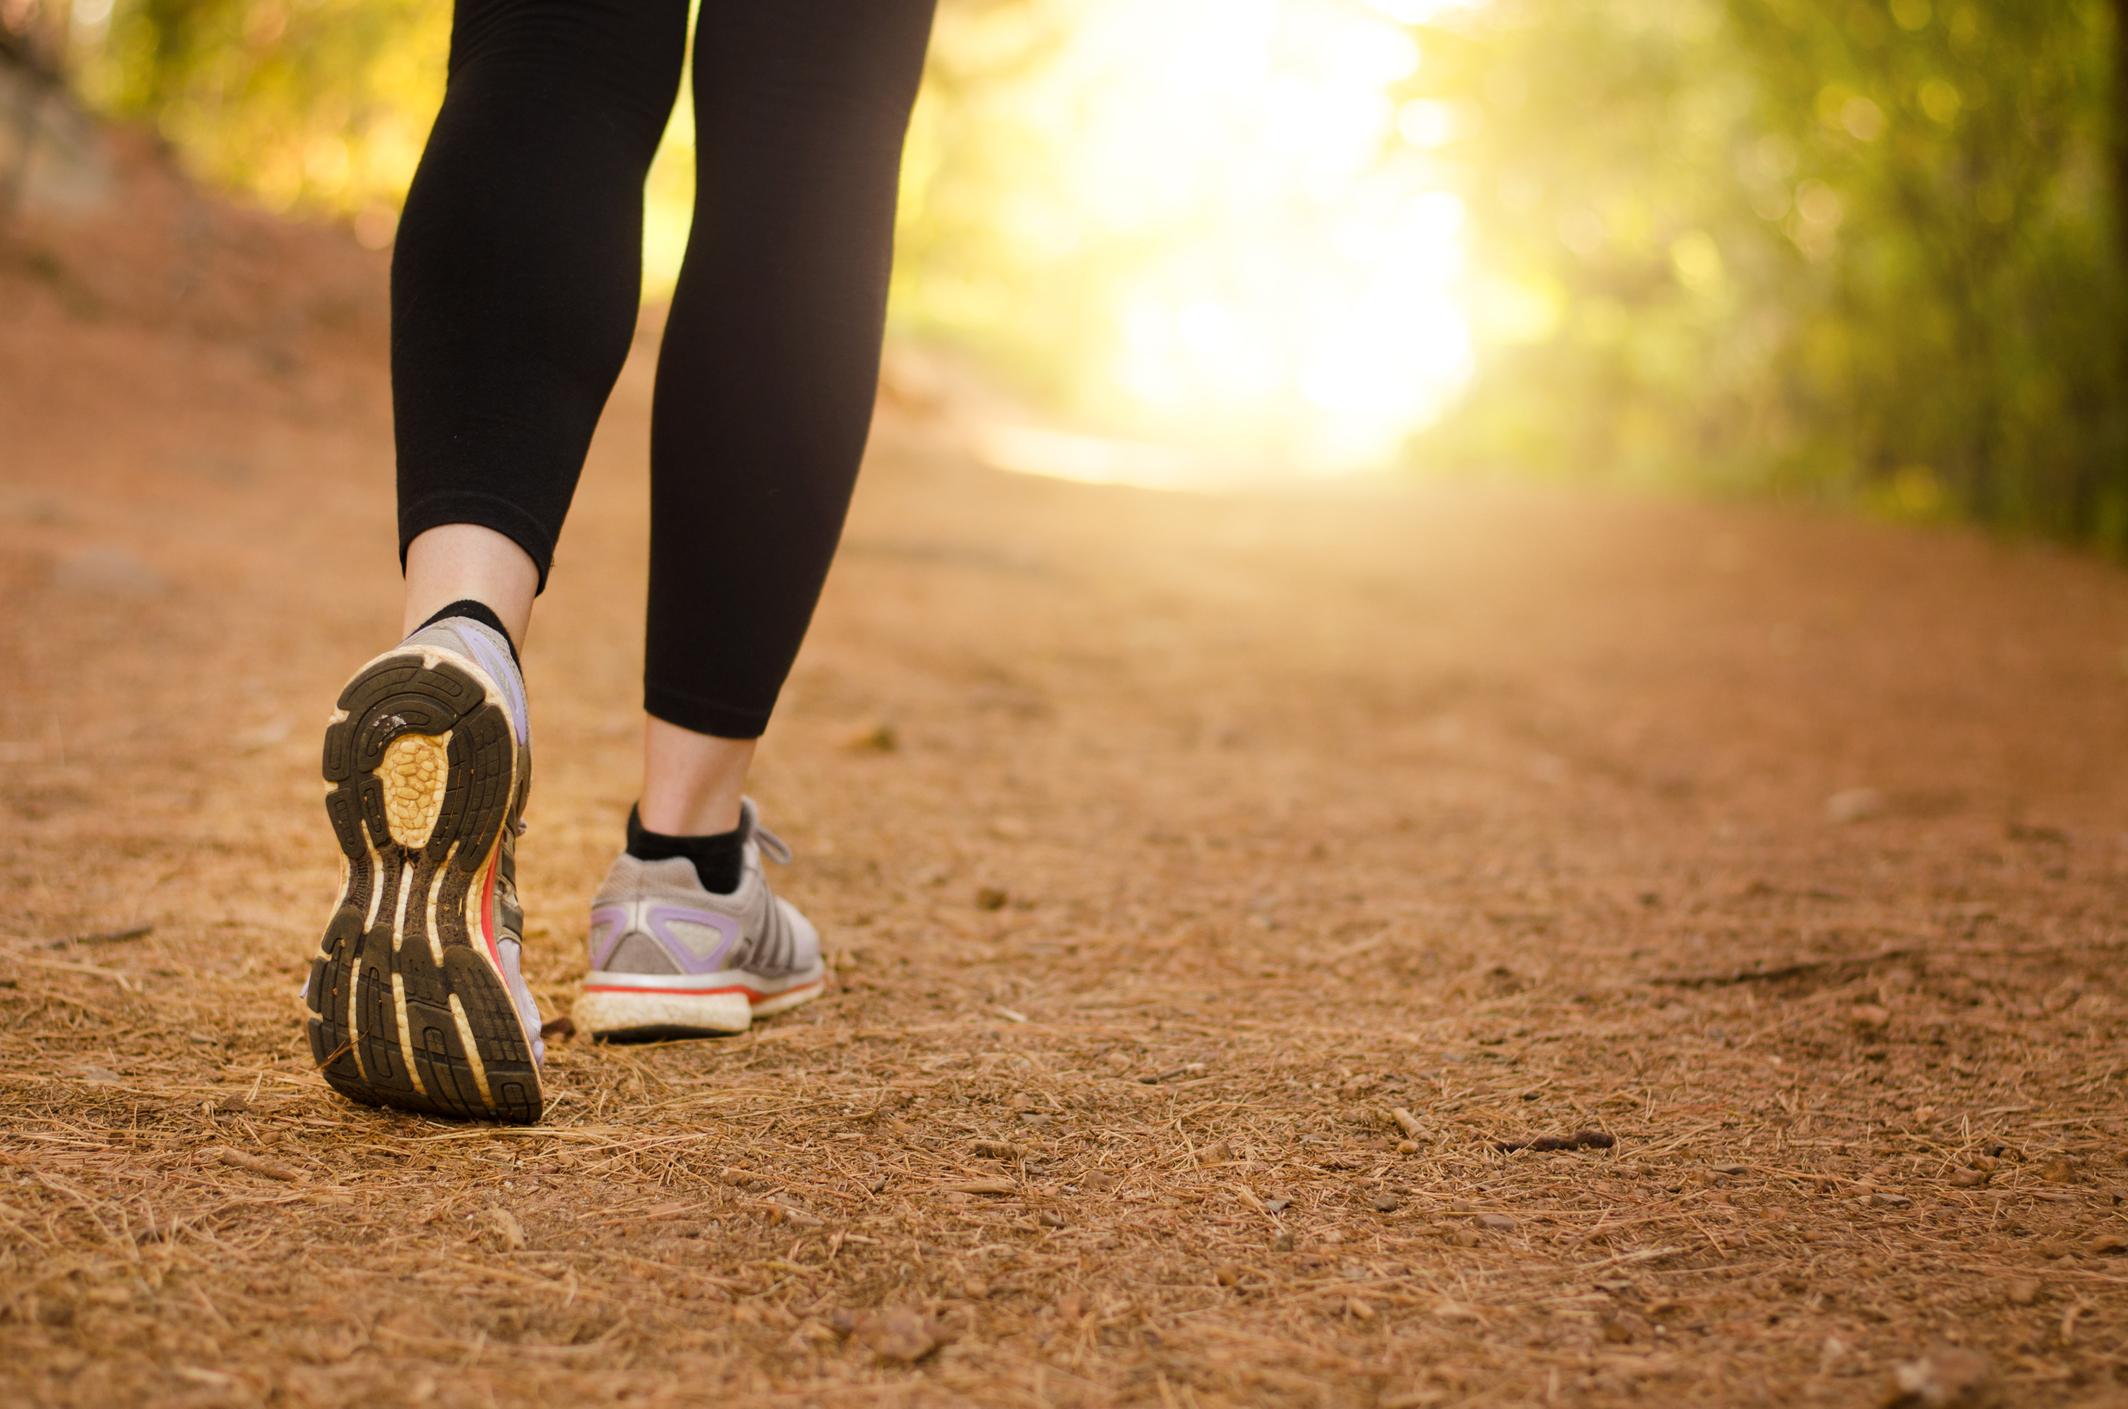 Mulher caminhando no parque com roupa fitness e tênis de corrida